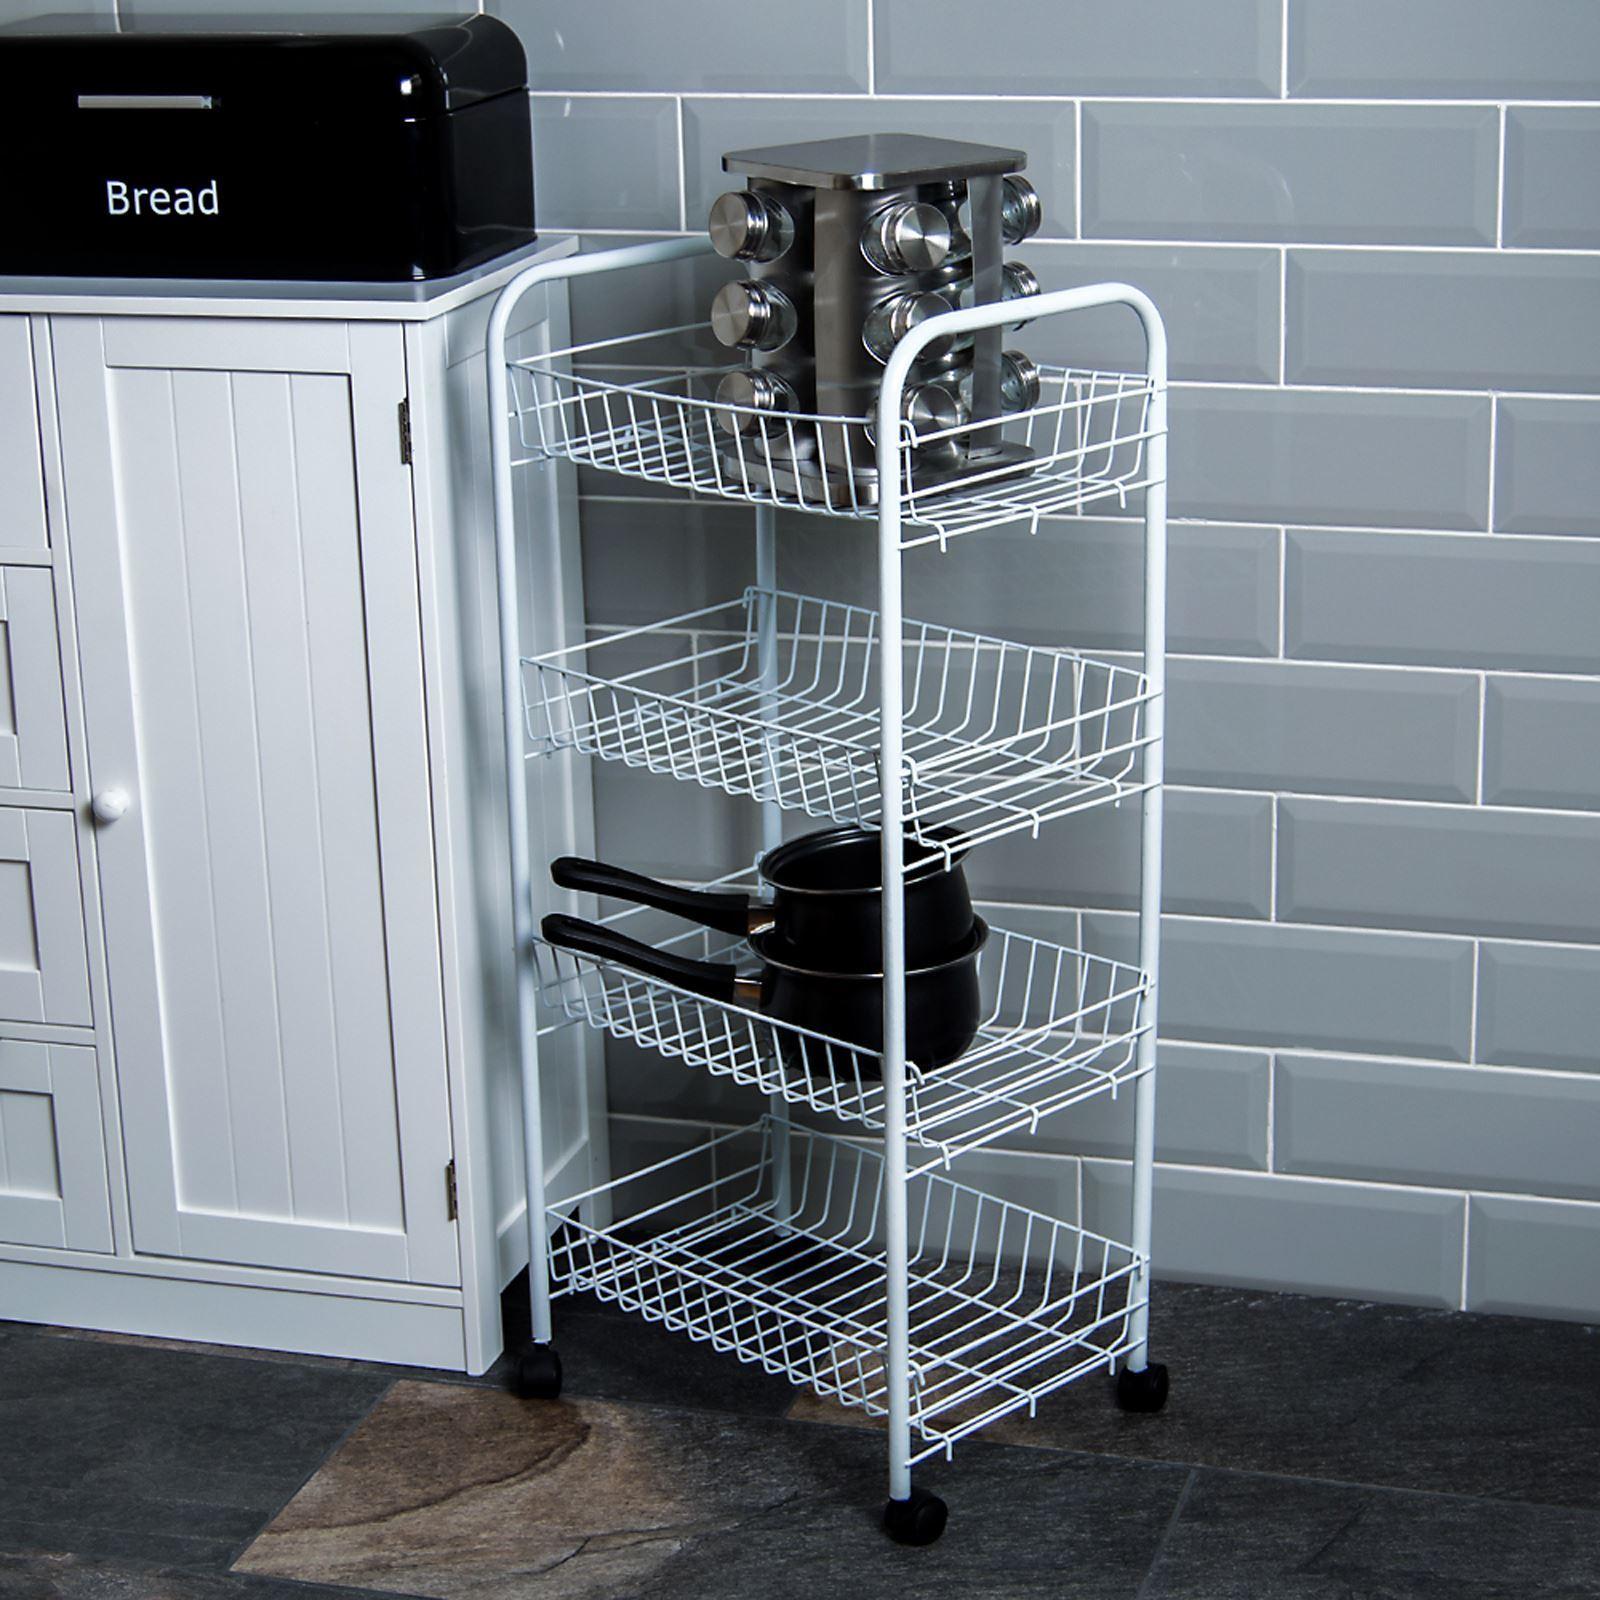 Kitchen Storage Trolley Baskets 3 4 Tier White Chrome Wheels Black ...